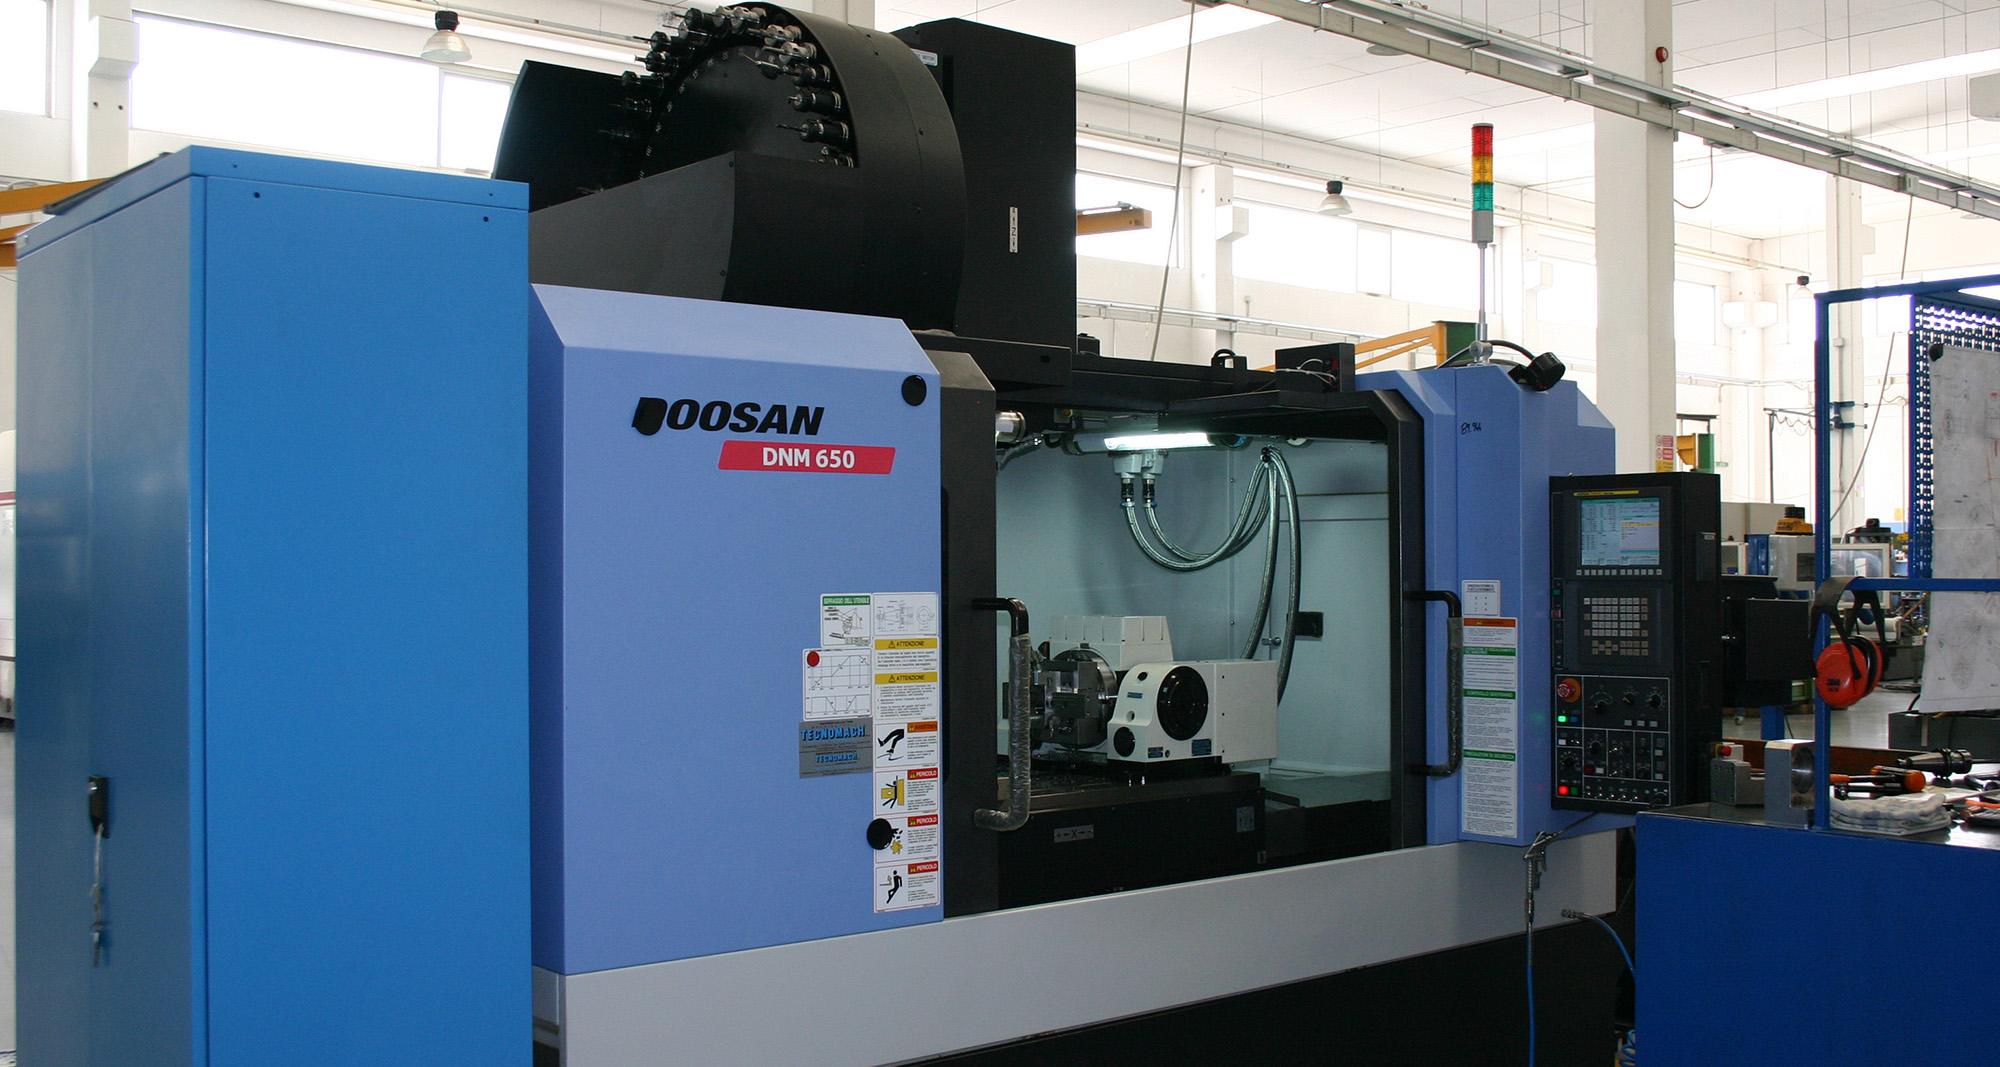 Doosan DNM 650 - Remec